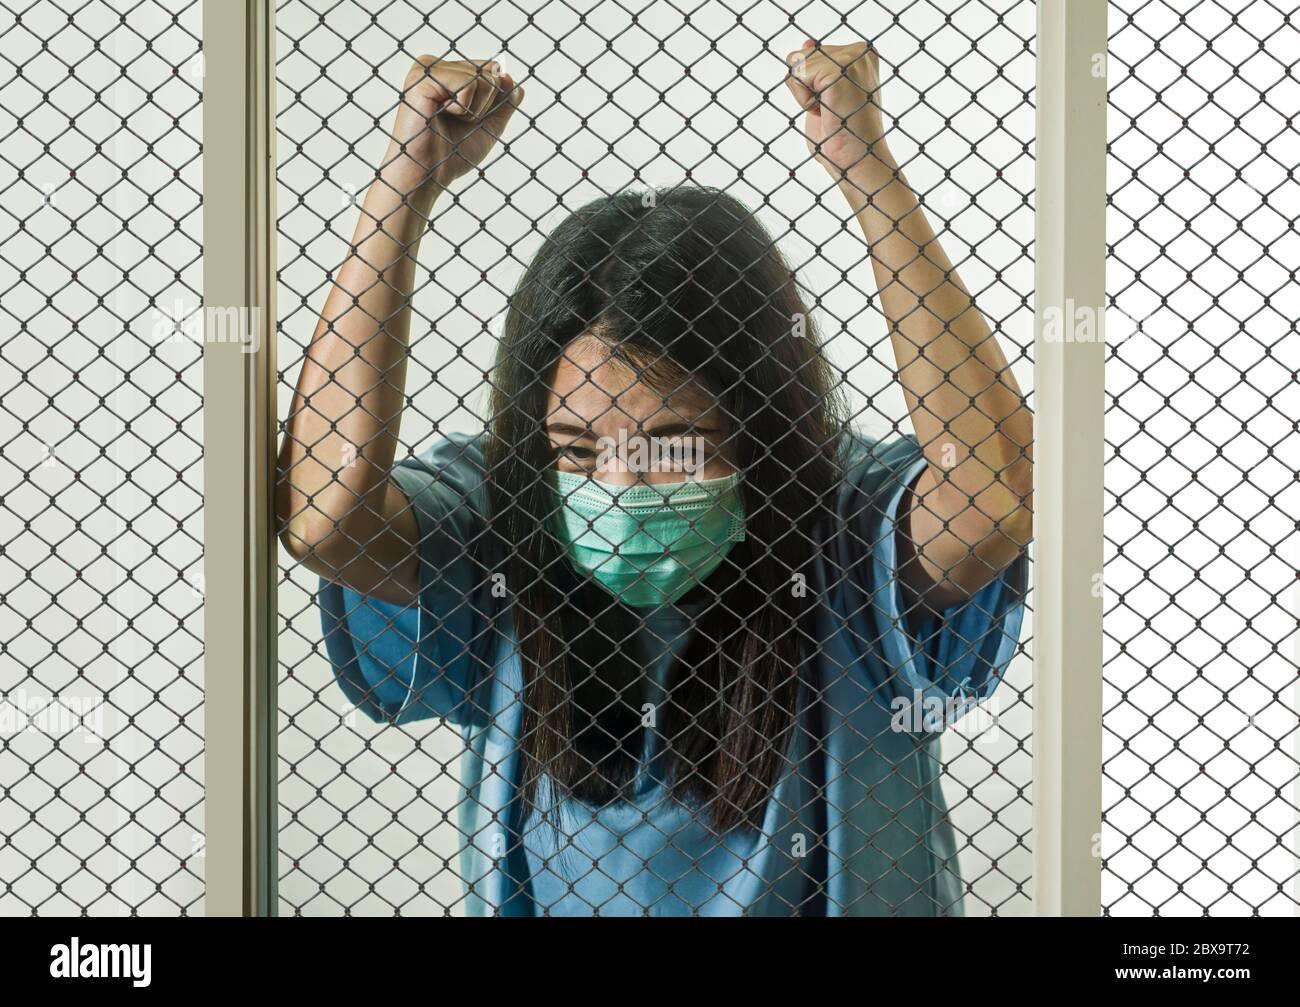 Retrato dramático de una joven China asiática infectada con virus víctima de enfermedades contagiosas o paciente psicótico e insano mental encerrado en el seur Foto de stock